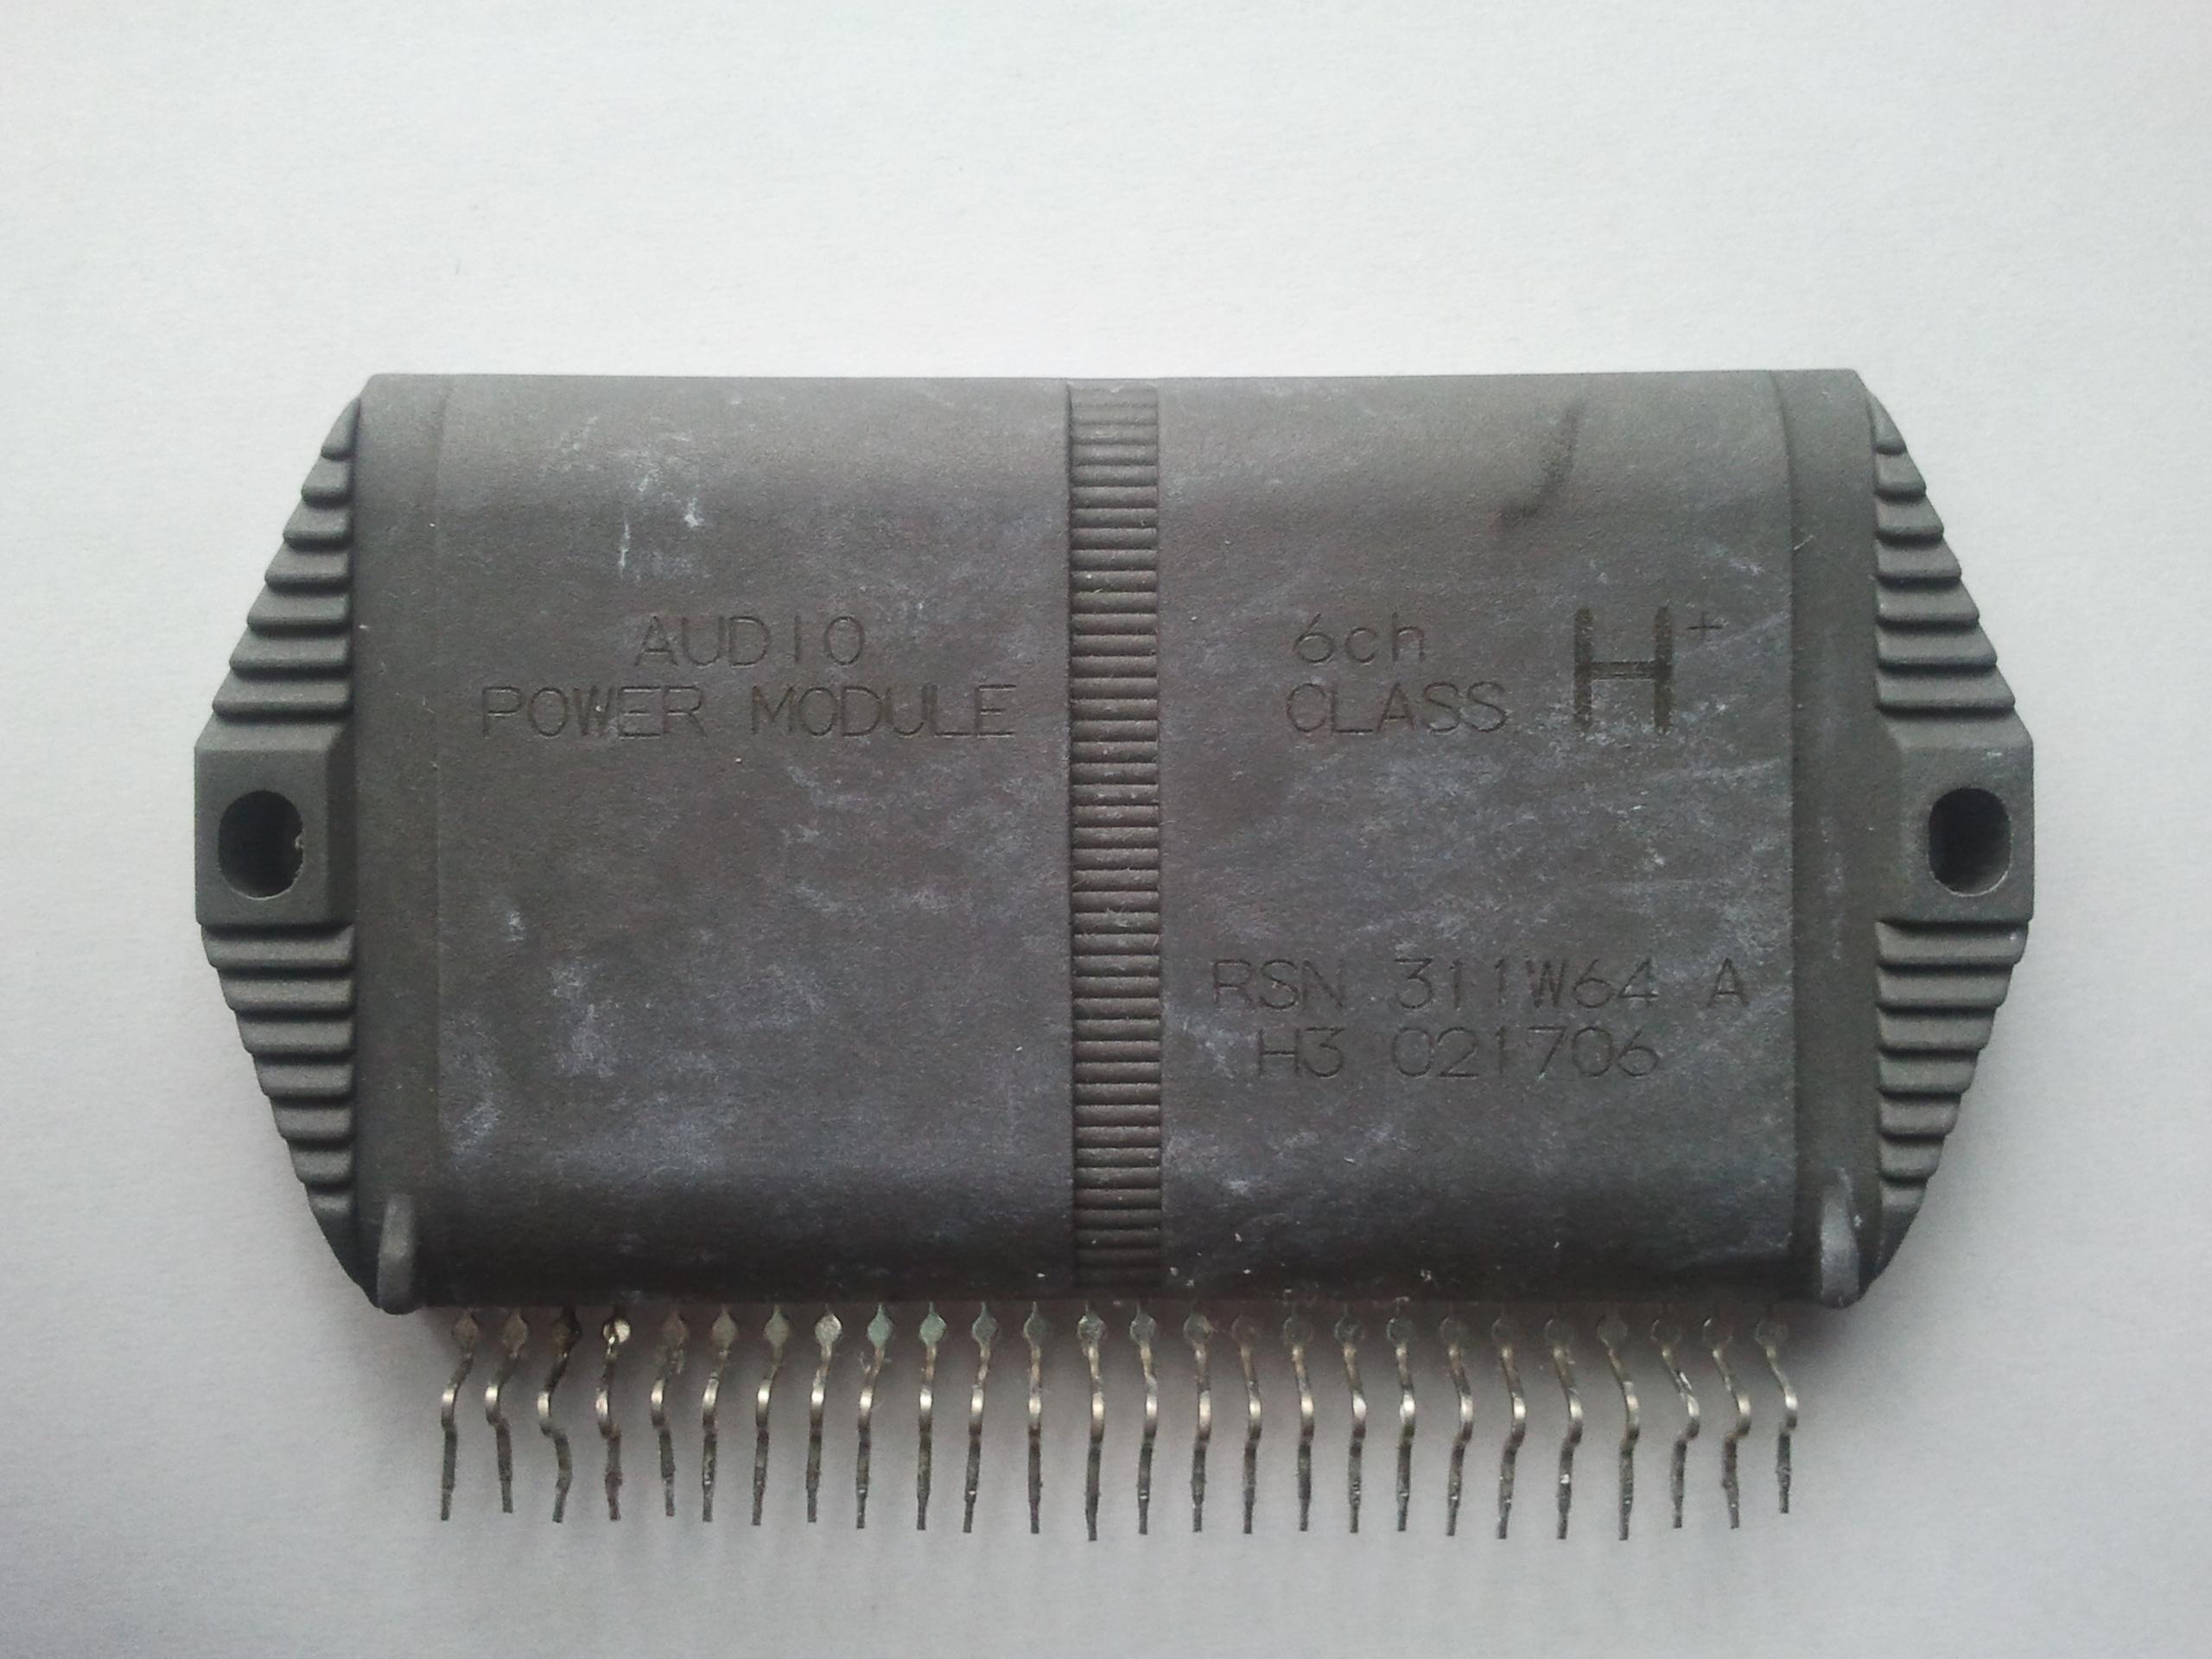 [Sprzedam] Ko�c�wka mocy RSN311W64 B